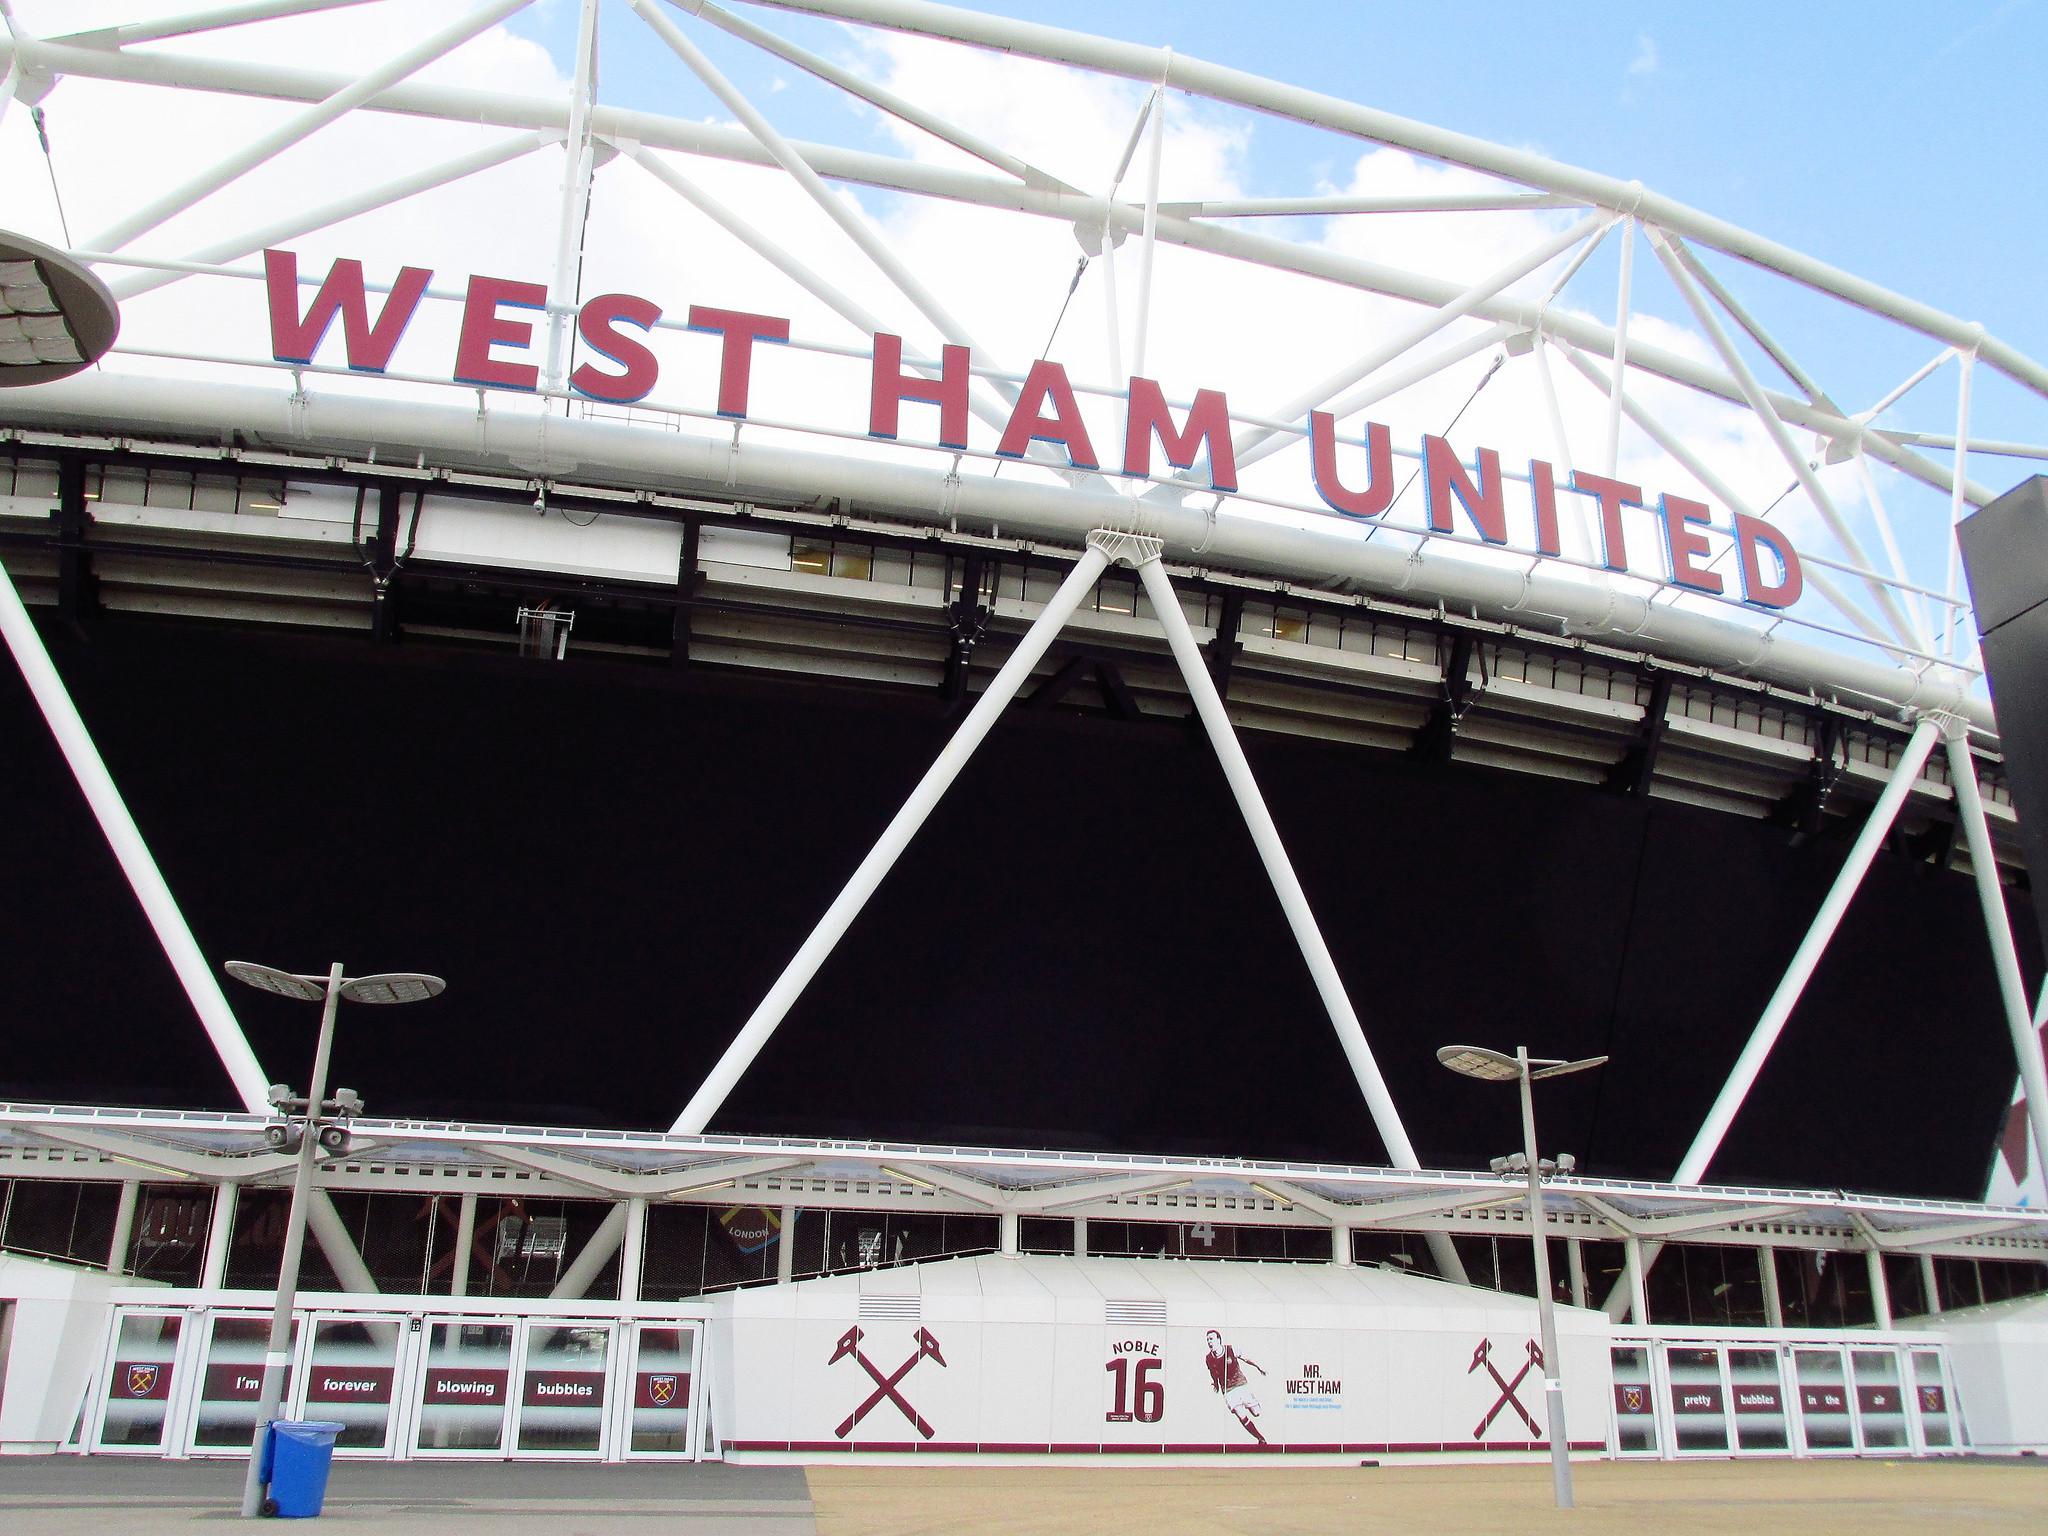 Czy West Ham jest w stanie utrzymać dobrą formę do końca sezonu?